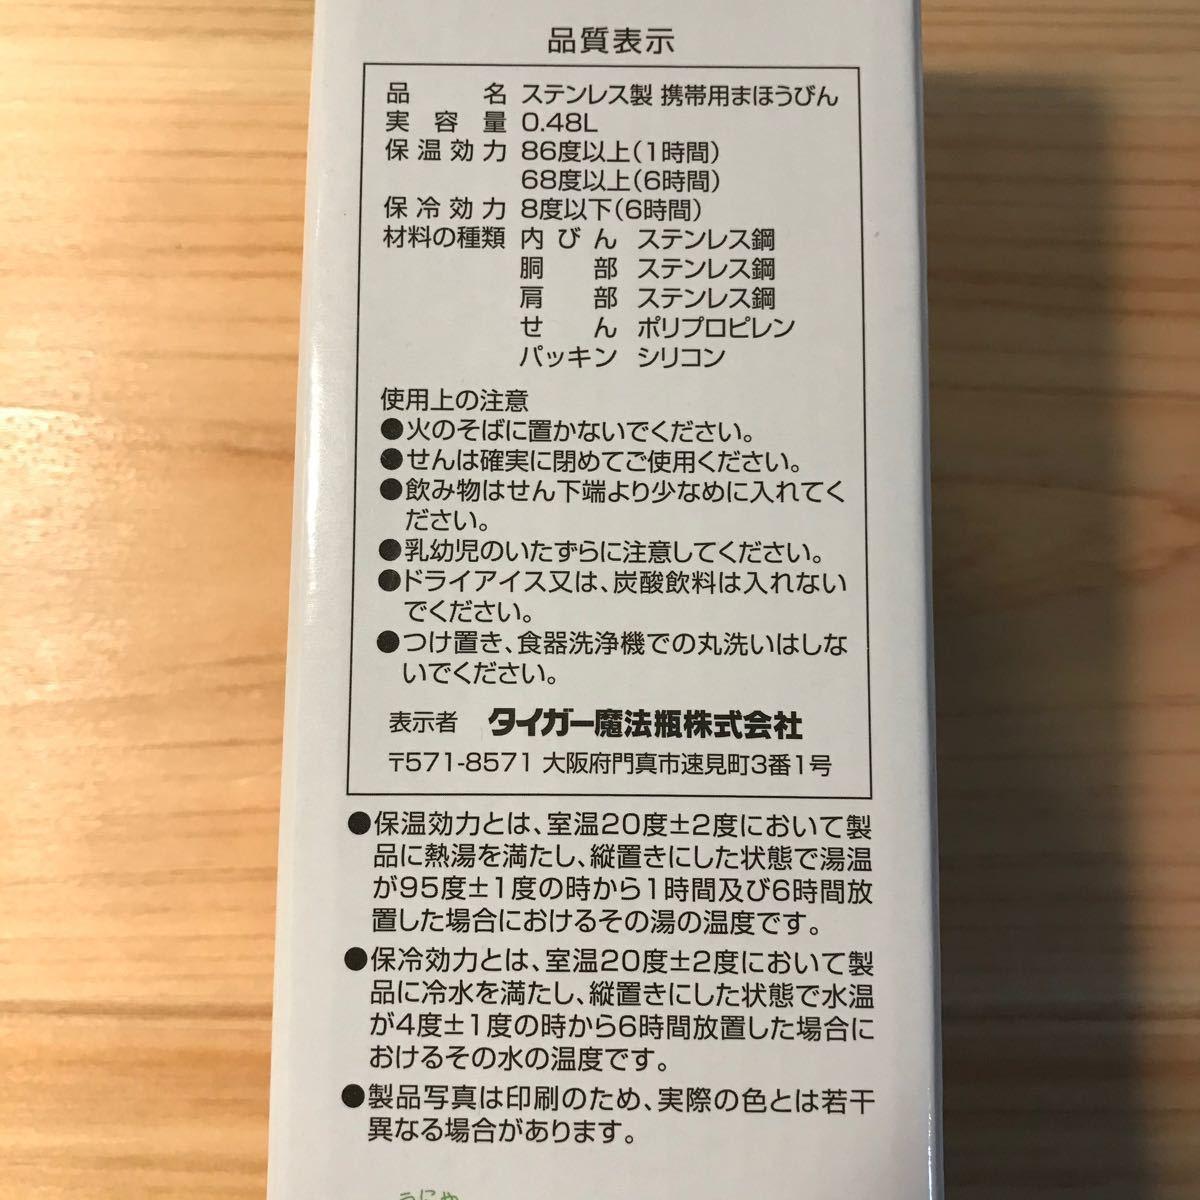 【水筒】 tiger 480ml ステンレスマグボトル   ピンク